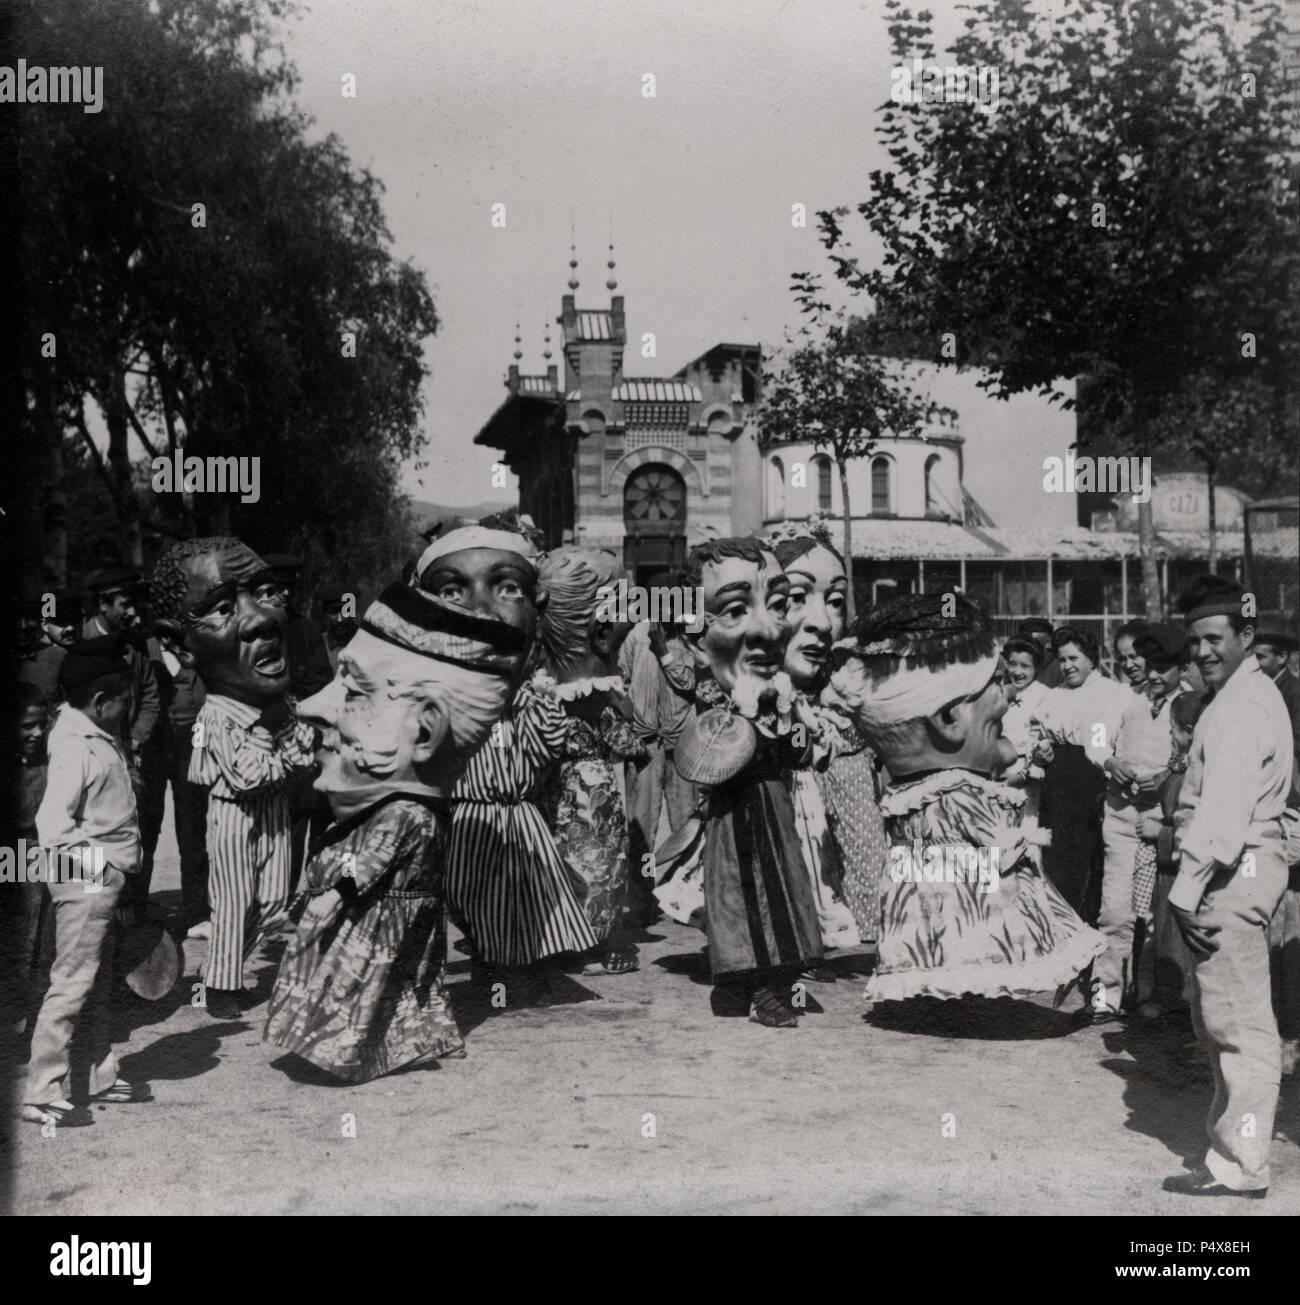 Cabezudos de la Casa de Caridad de Barcelona. Años 1900. - Stock Image